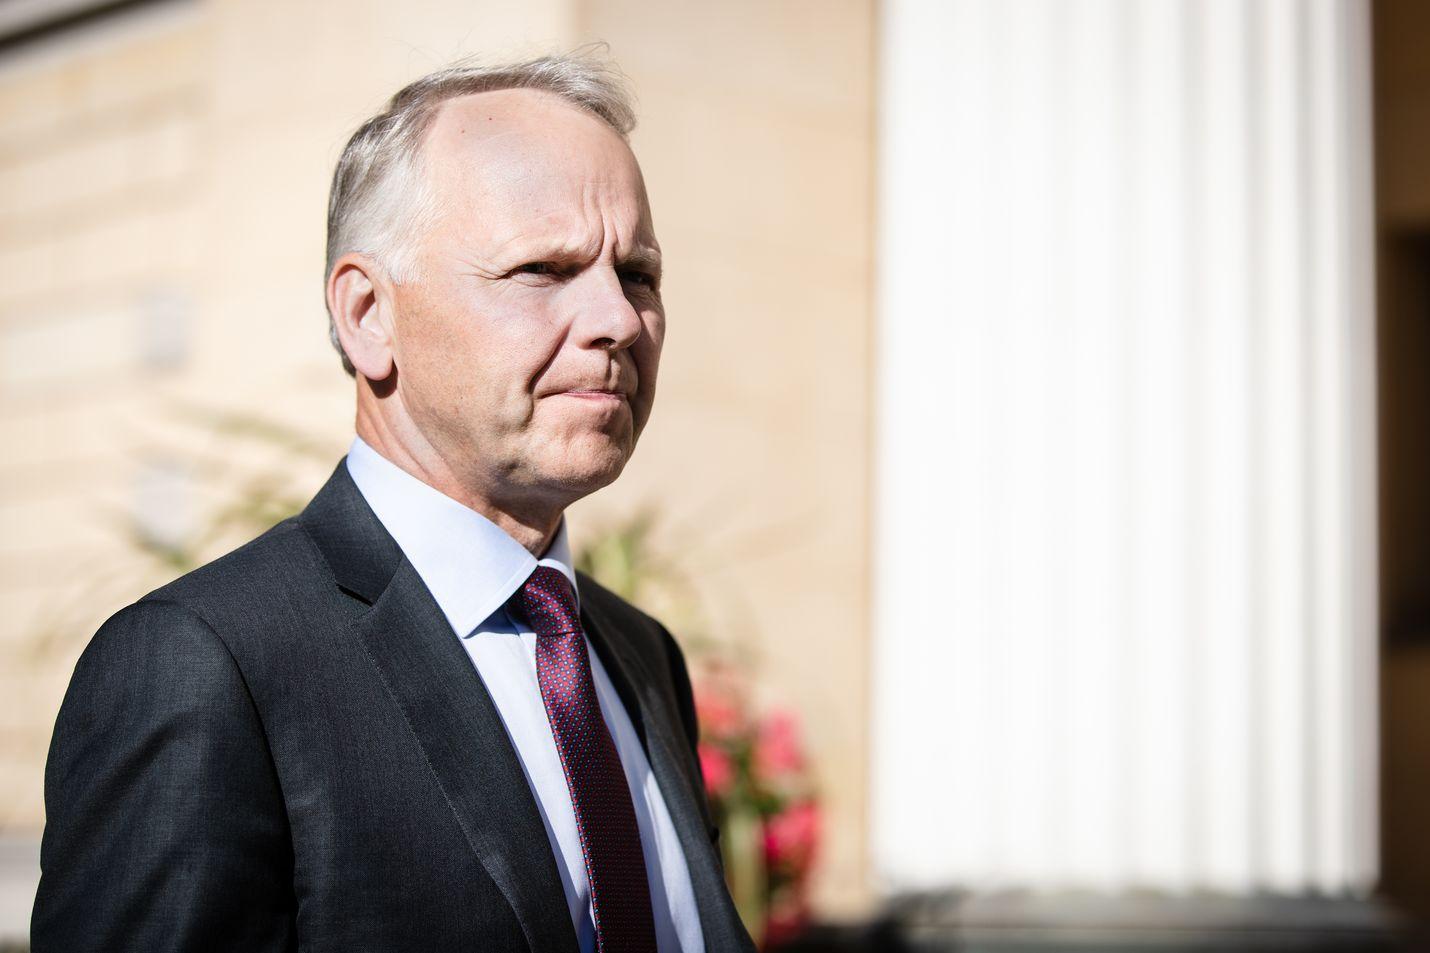 Maa- ja metsätalousministeri Jari Leppä sanoo, että Luken susikanta-arvioihin ja susitutkimuseen liittyvä vääristely ei olisi edes mahdollista.